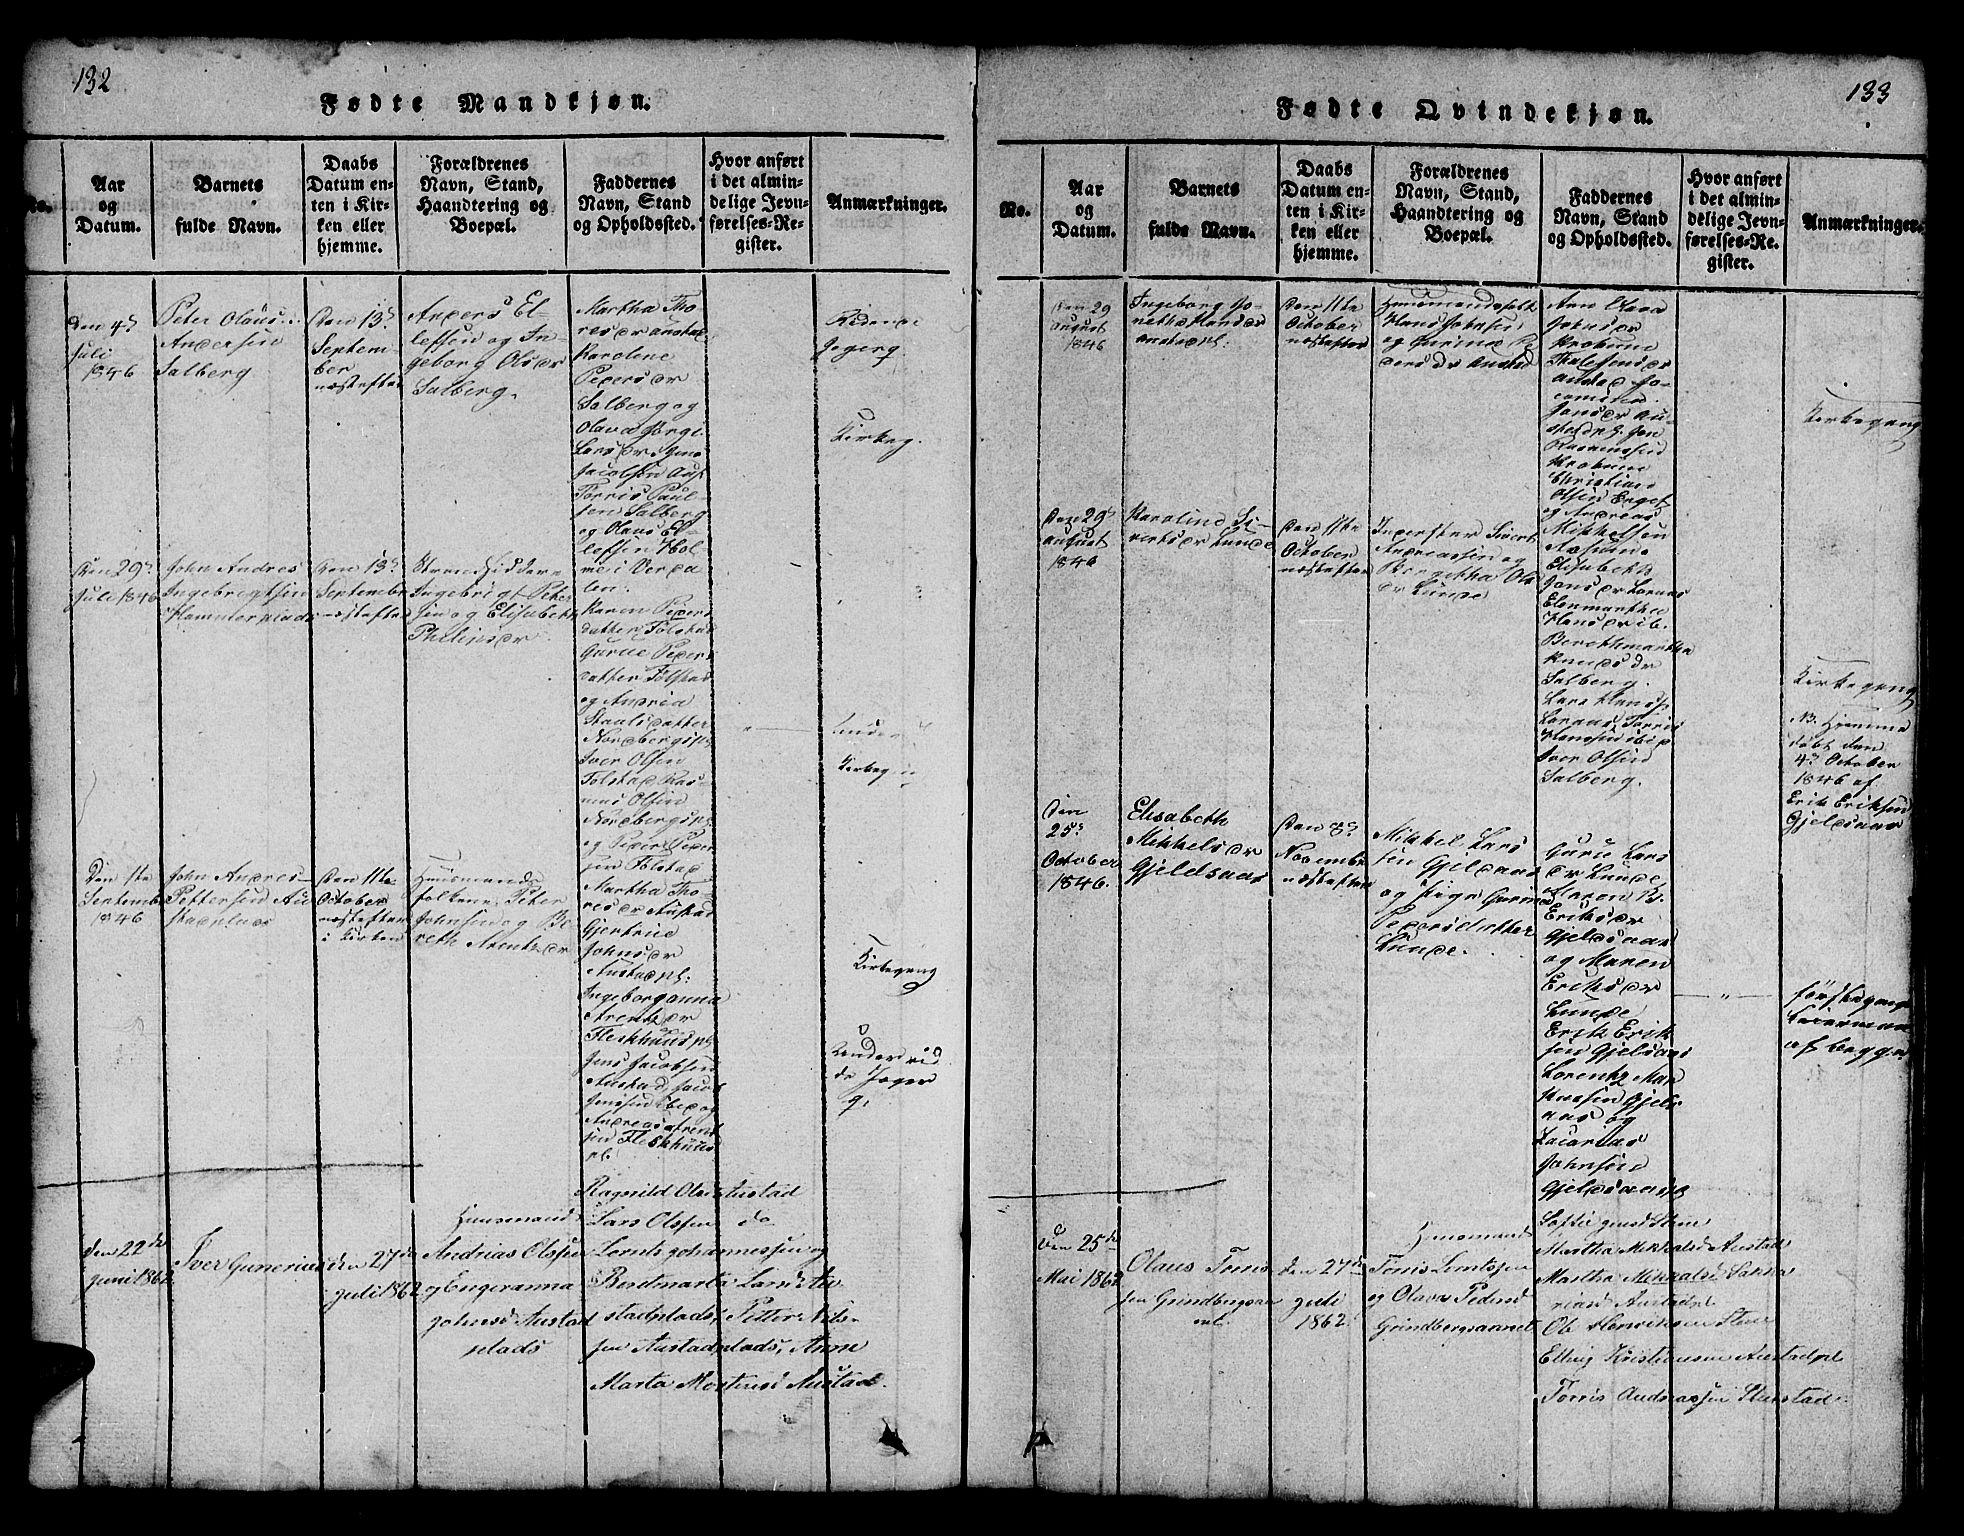 SAT, Ministerialprotokoller, klokkerbøker og fødselsregistre - Nord-Trøndelag, 731/L0310: Klokkerbok nr. 731C01, 1816-1874, s. 132-133